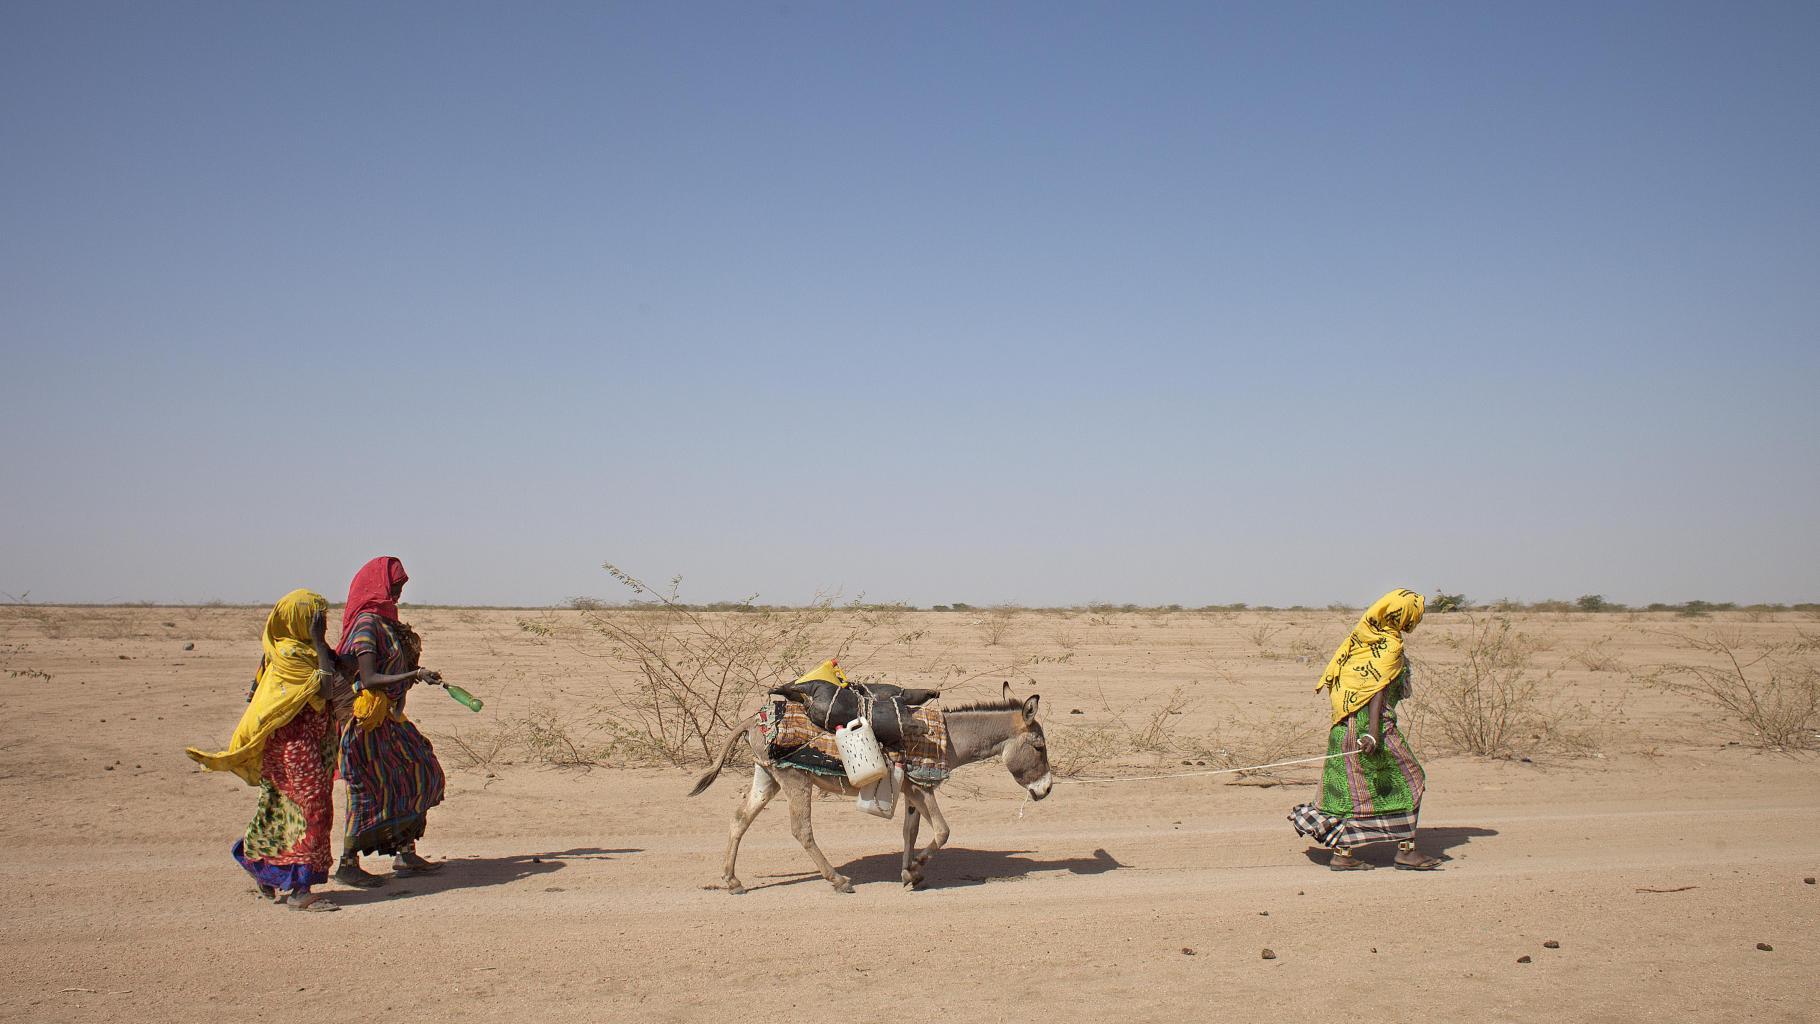 Drei Frauen ziehen mit einem Esel durch eine Landschaft, die von extremer Trockenheit geprägt ist.